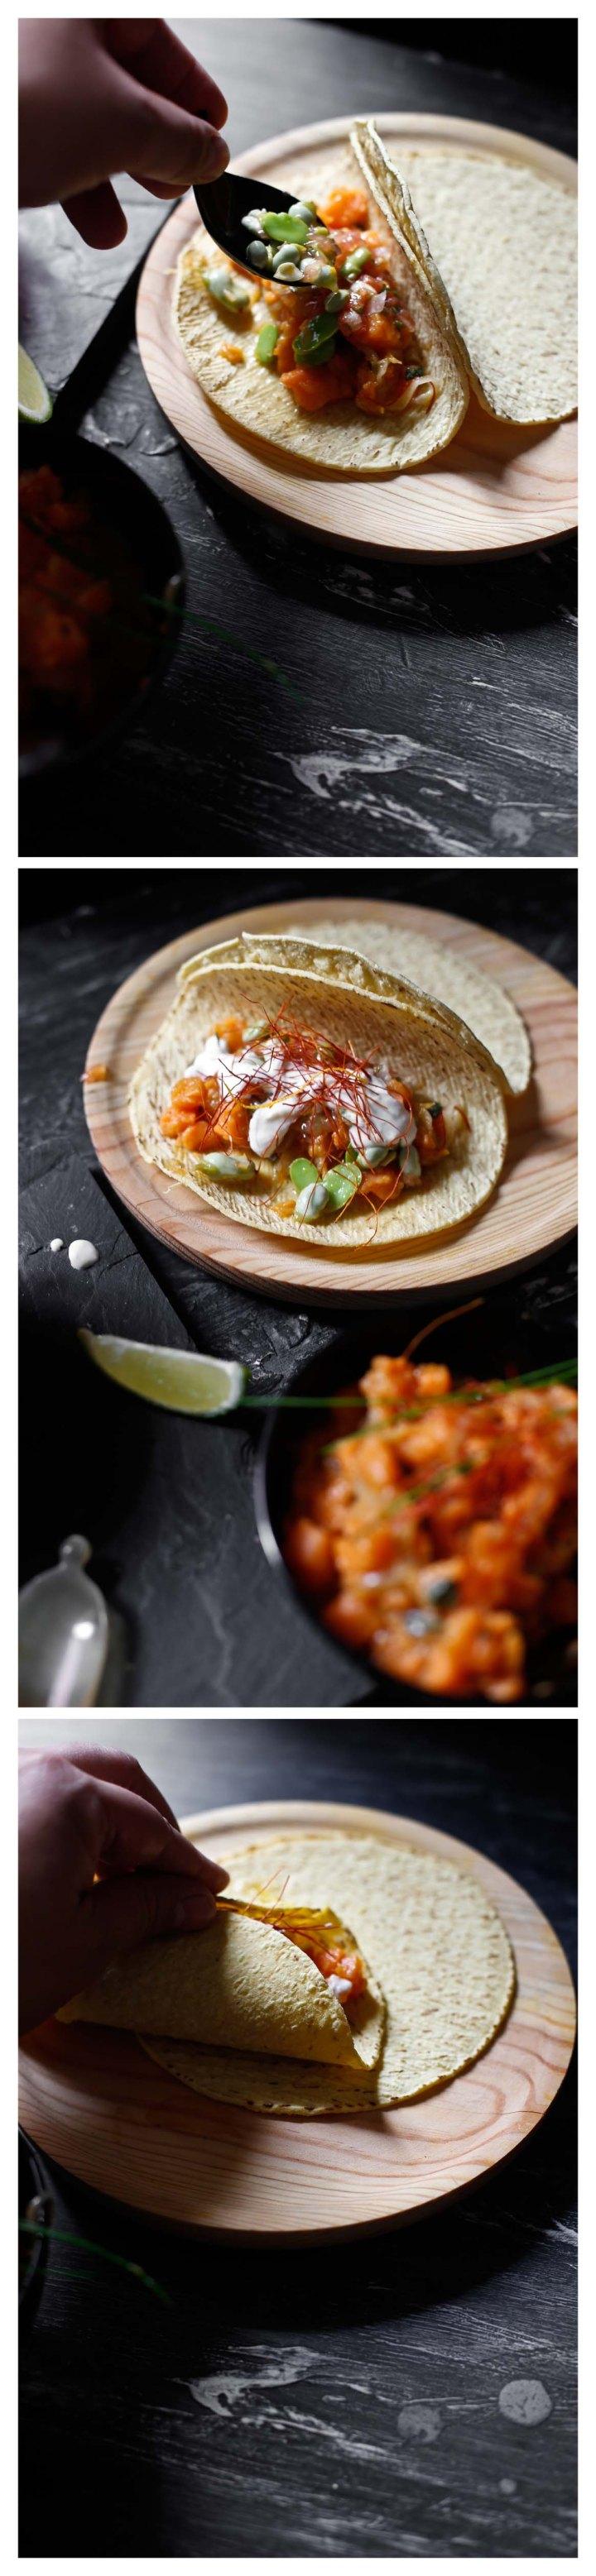 Tacos-1